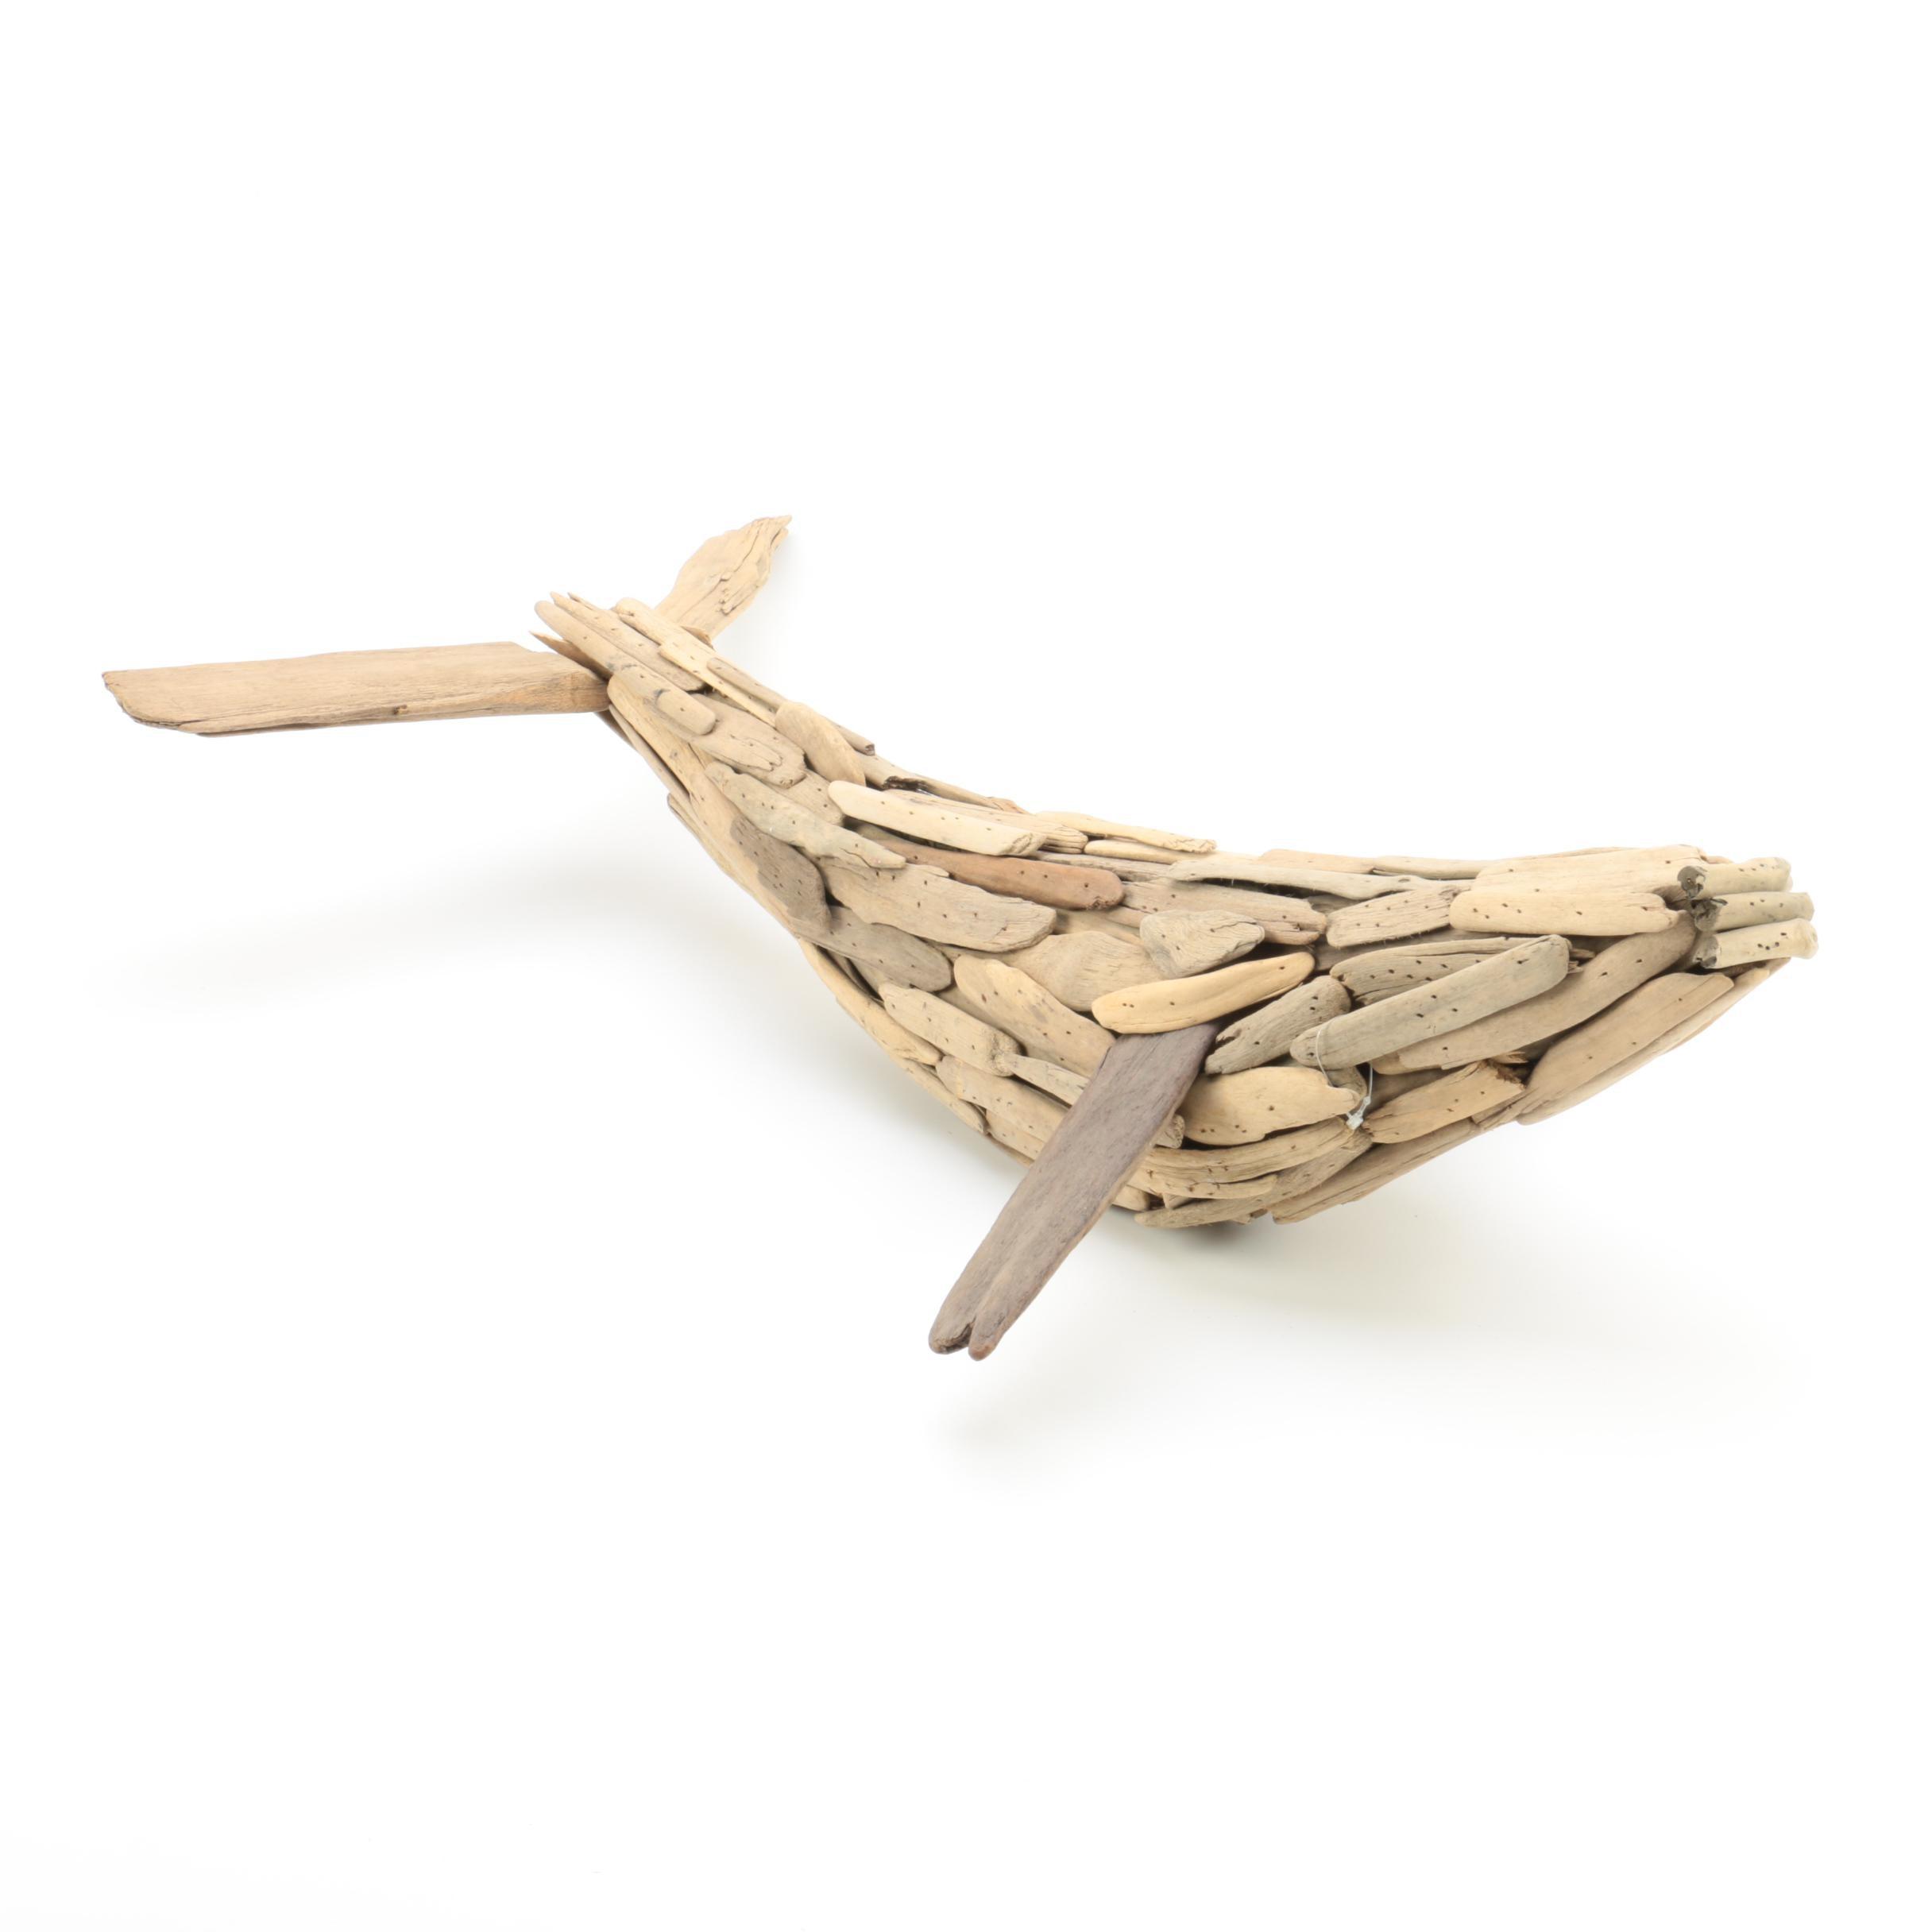 Driftwood Whale Sculpture